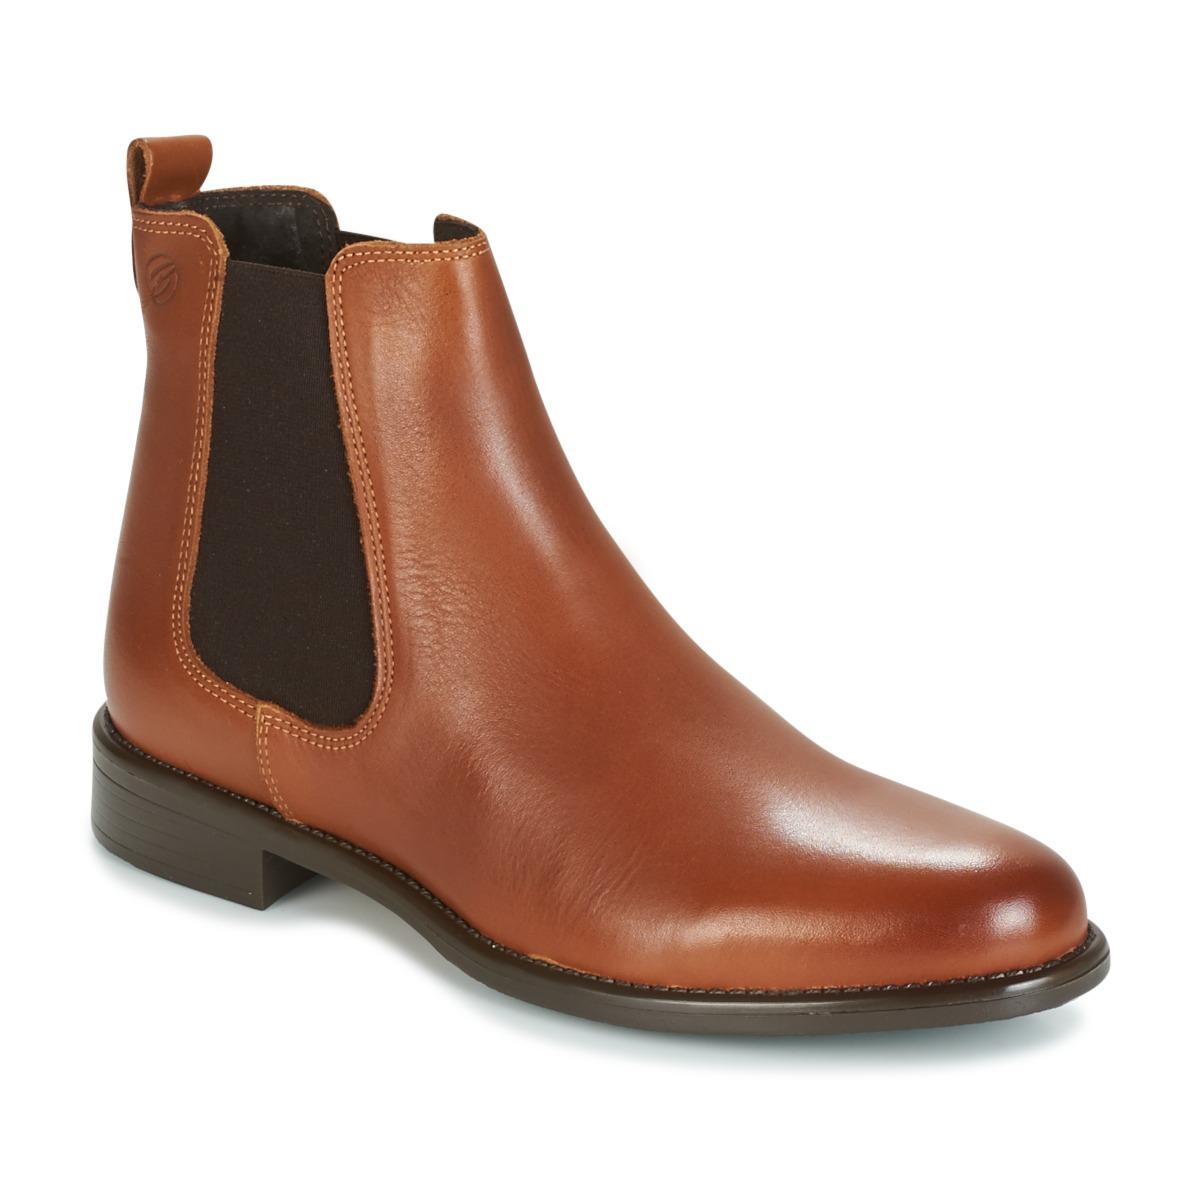 Betty London NORA Camel - Kostenloser Versand bei Spartoode ! - Schuhe Boots Damen 63,99 €